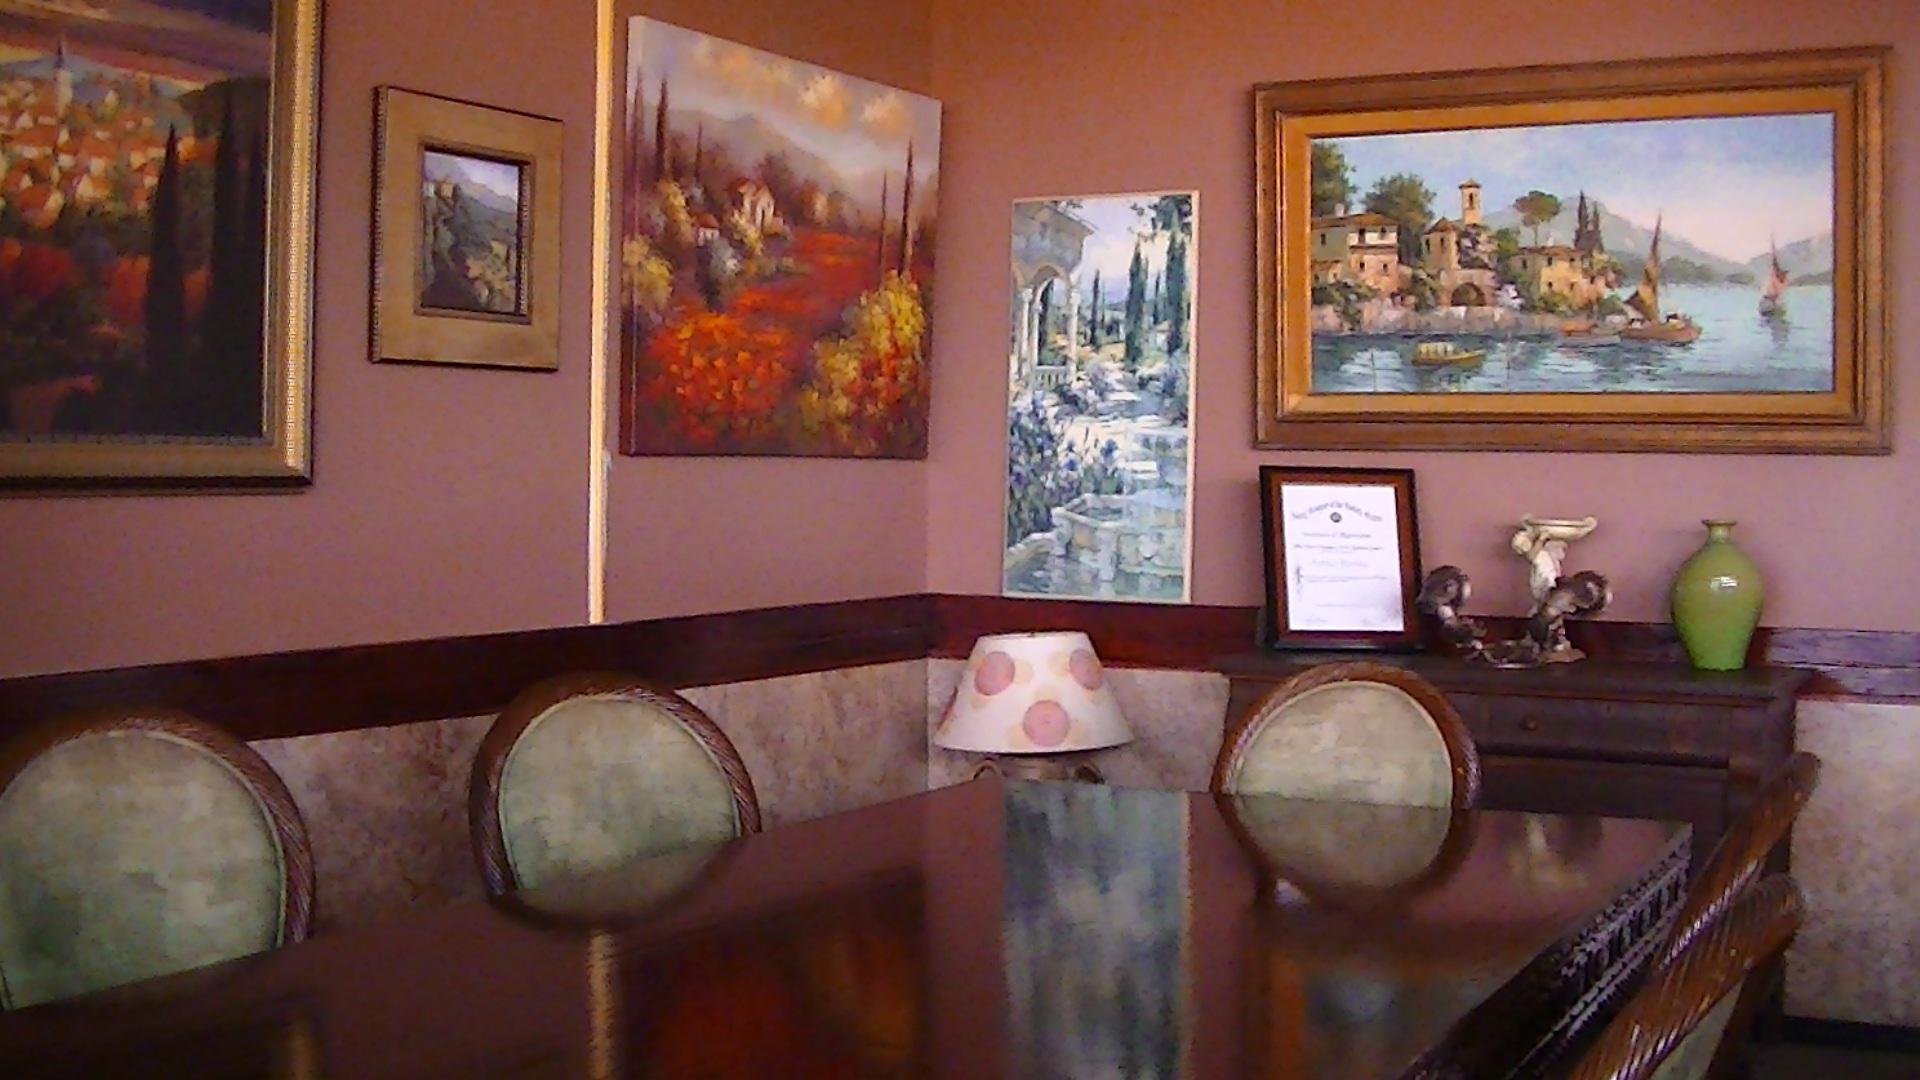 Gambar Restoran Rumah Dekorasi Milik Ruang Keluarga Kamar